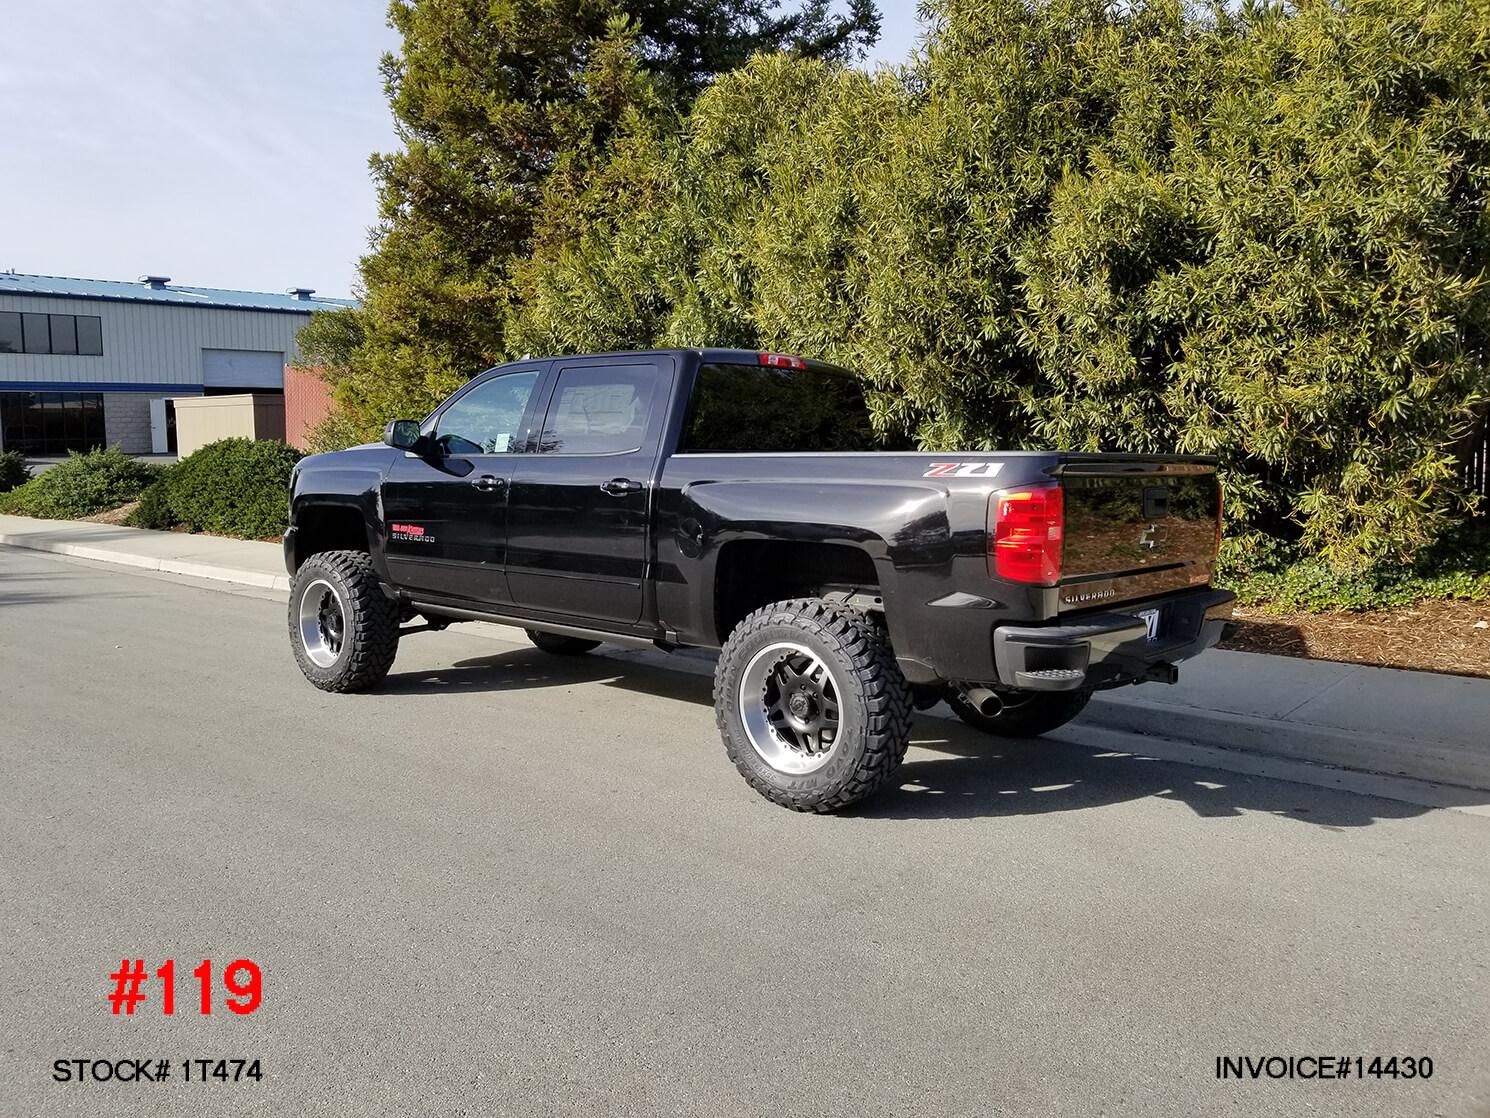 1T474-3 2018 CHEVY 1500 CREW CAB